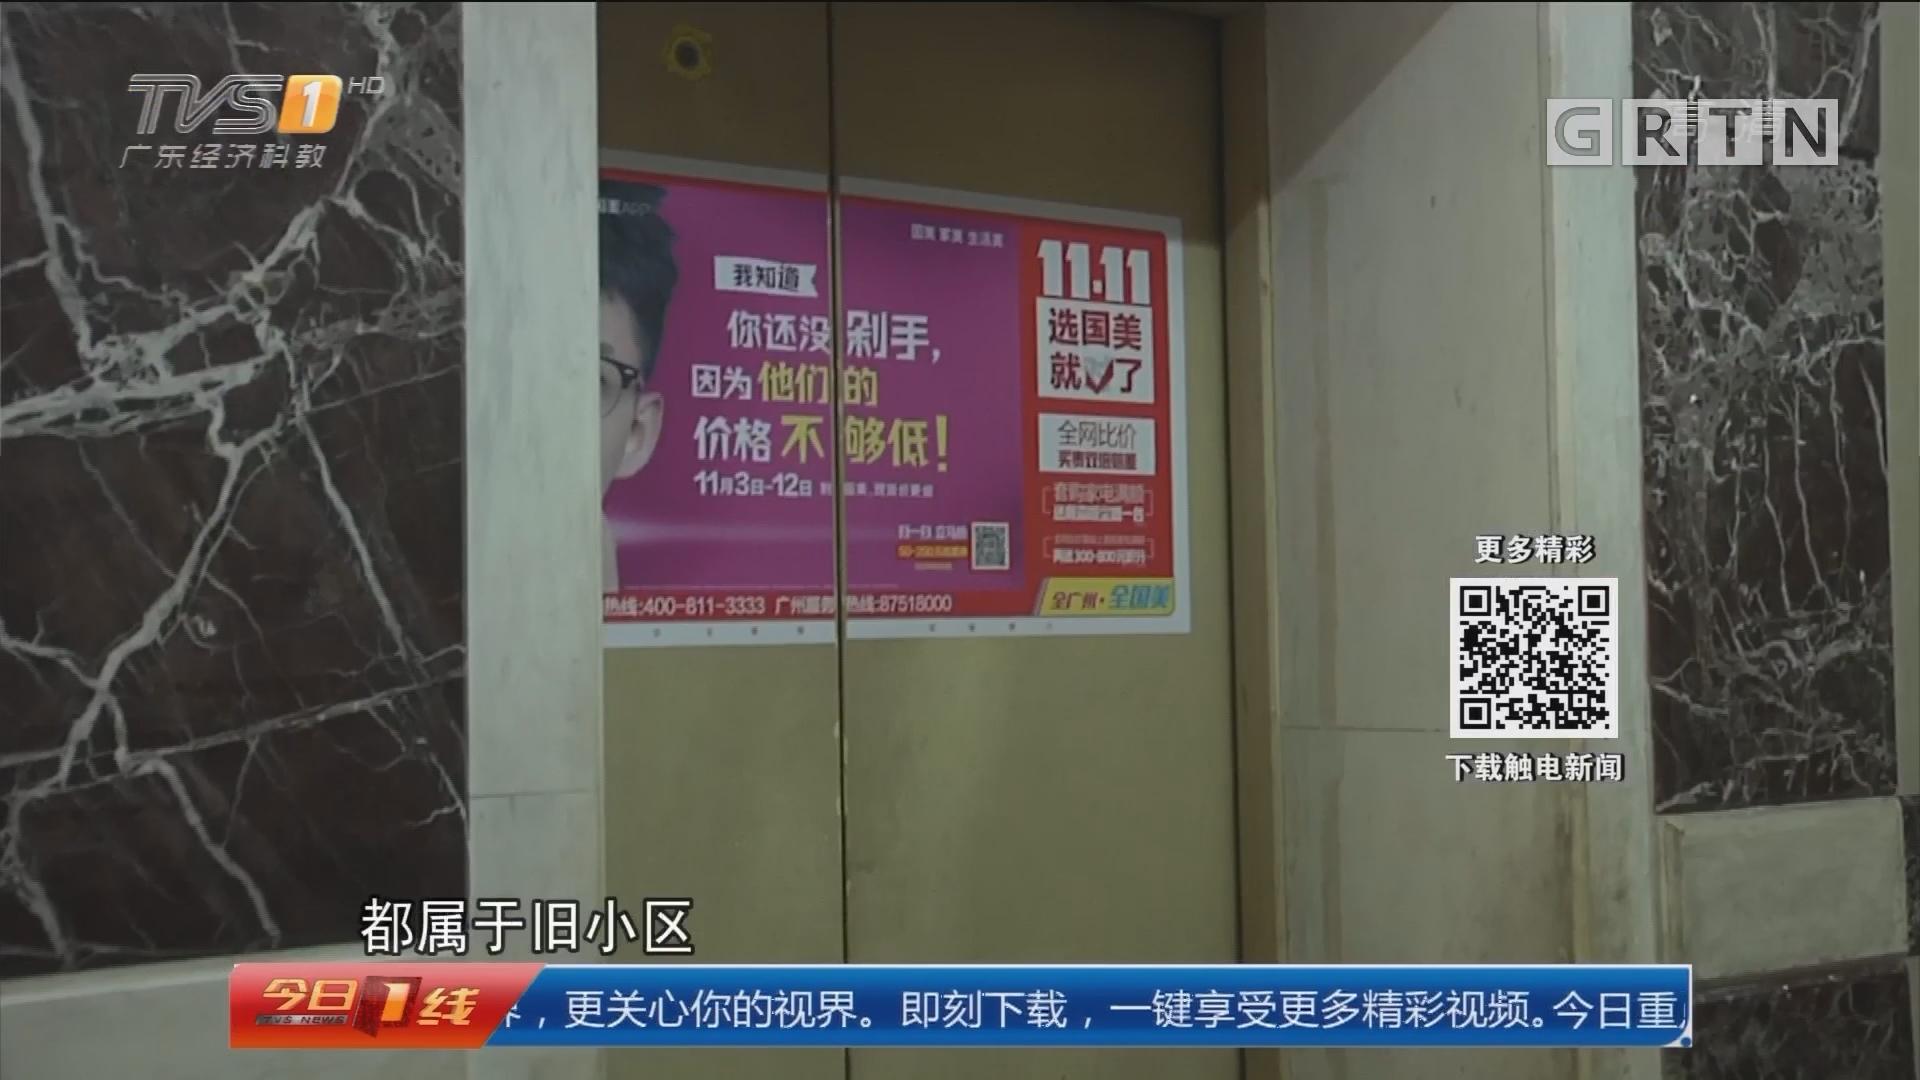 小区广告收益去哪了?电梯广告每月300 支配不需告诉业主?